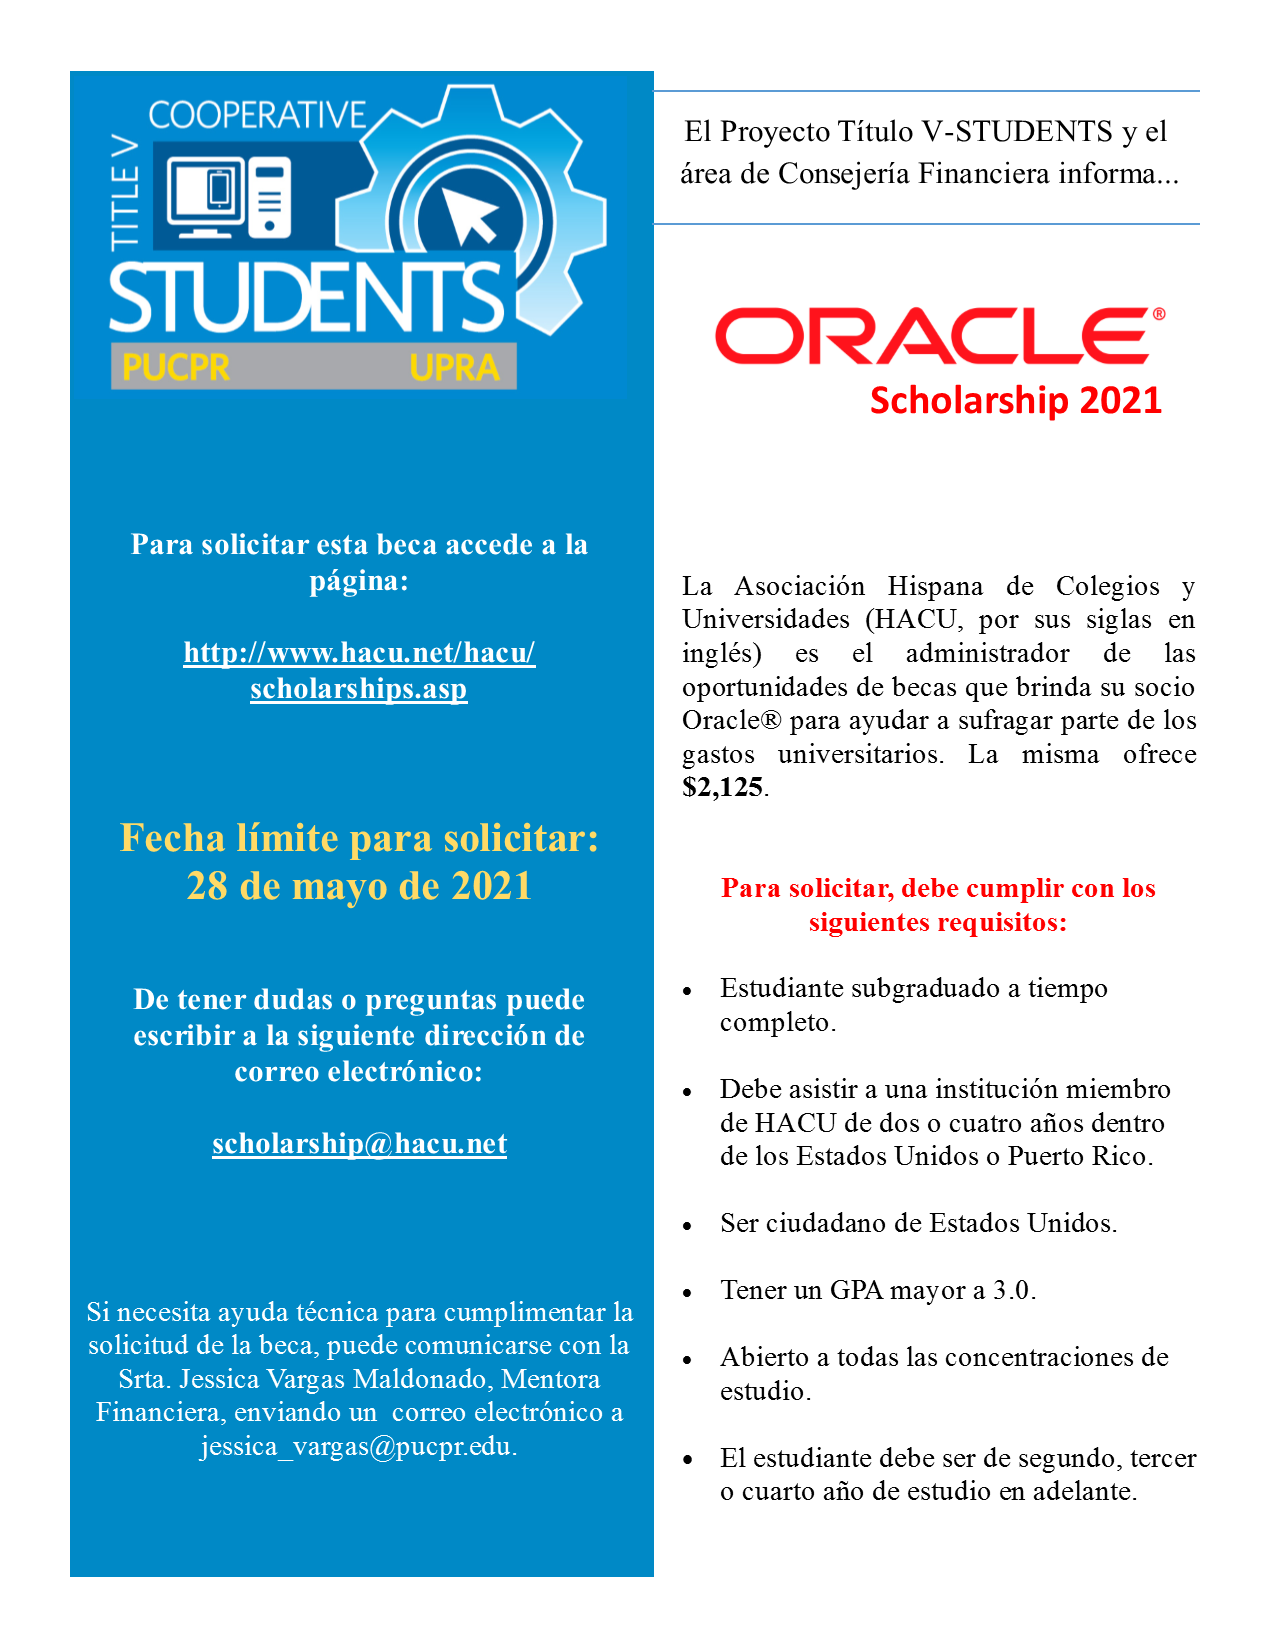 Oracle Scholarship 2021 _vobo_28enero2021